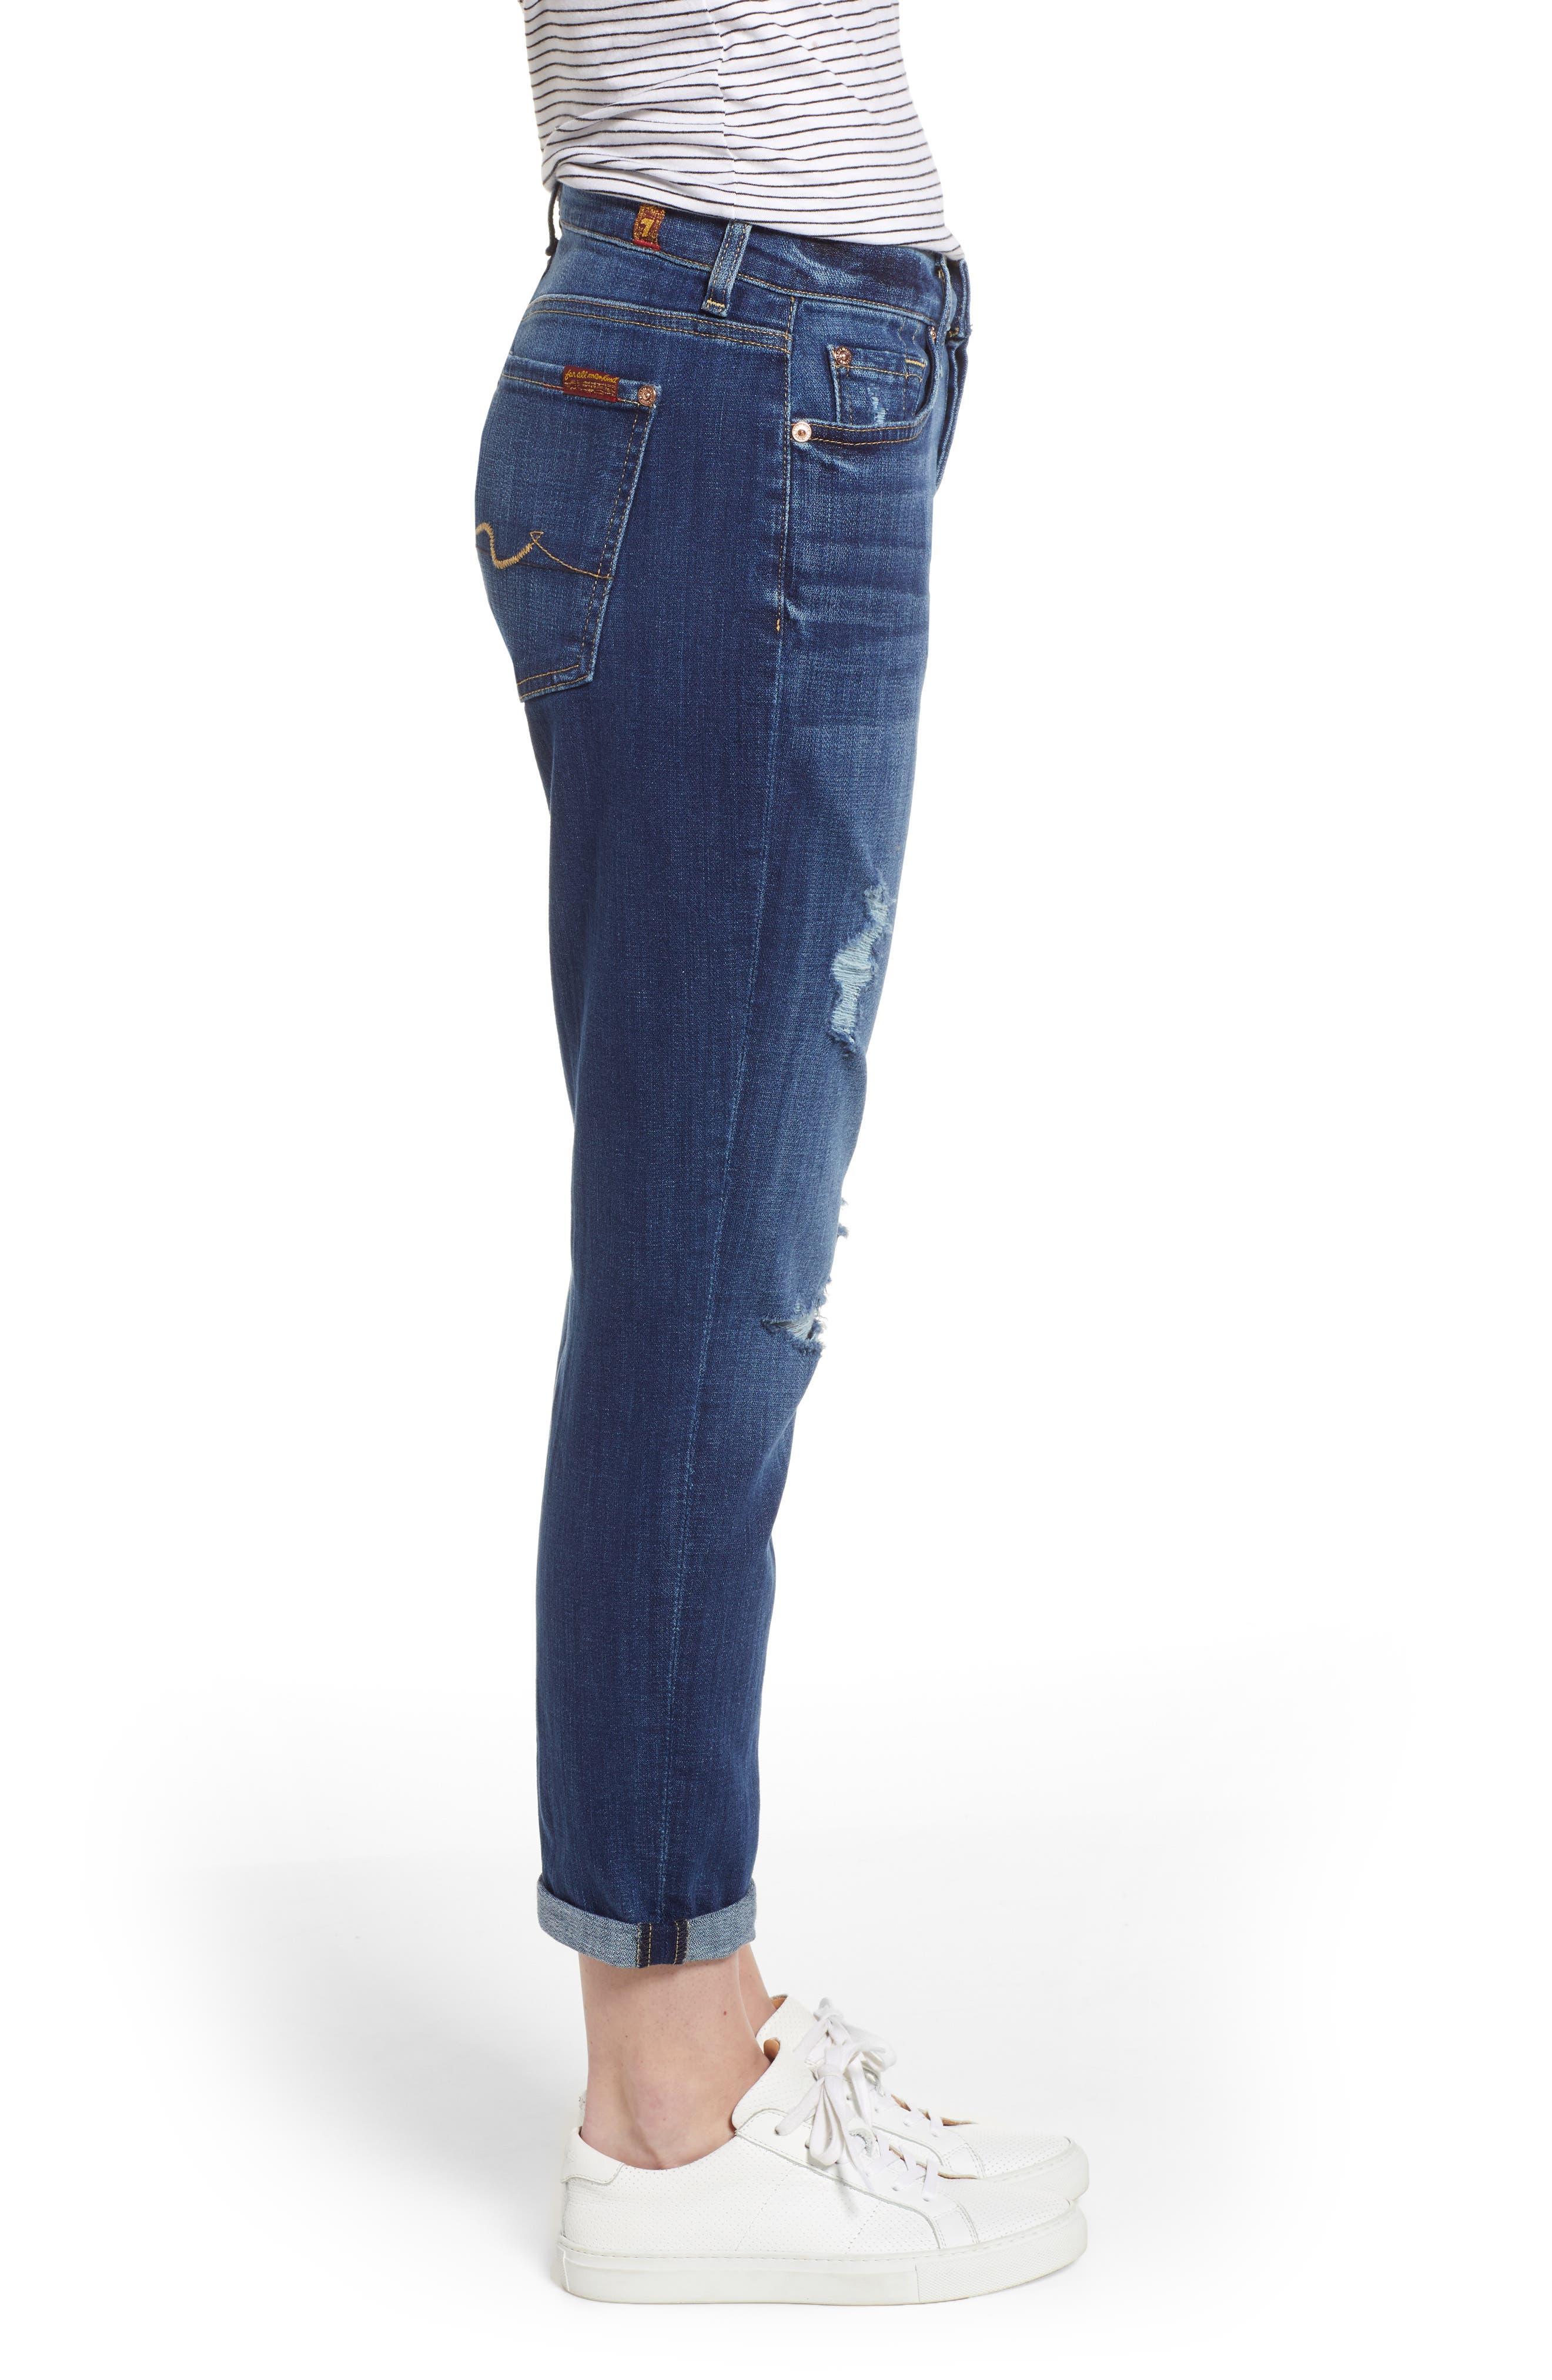 Josefina Boyfriend Jeans,                             Alternate thumbnail 3, color,                             BROKEN TWILL VANITY W/ DESTROY